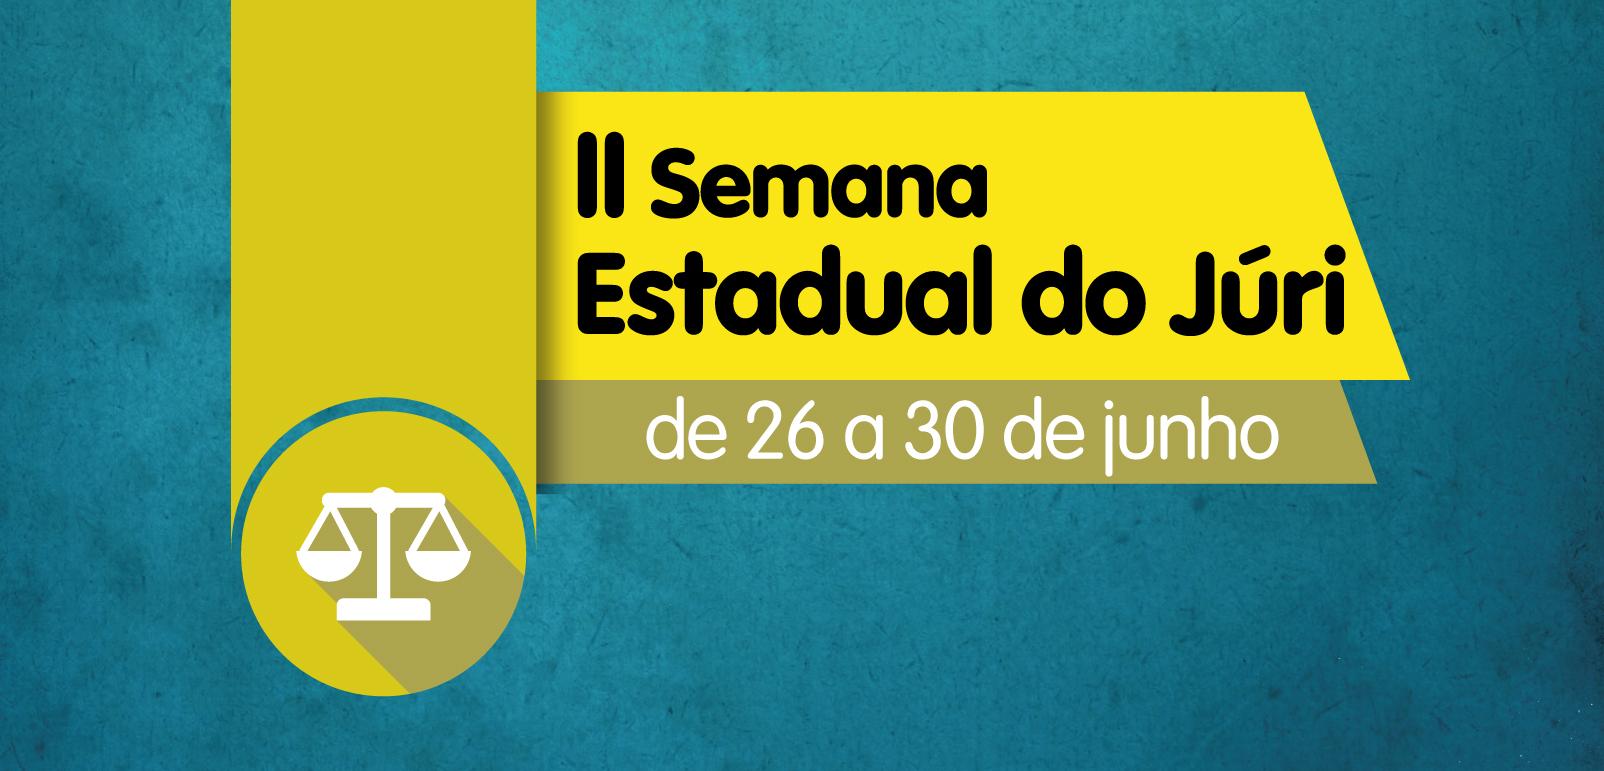 II Semana Estadual do Júri começa nesta segunda-feira com 152 processos em pauta